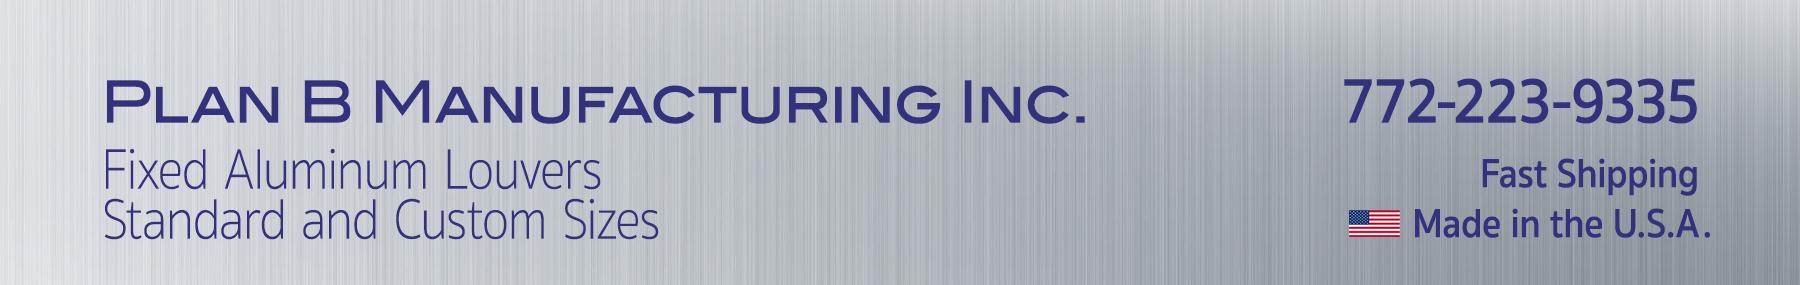 Plan B Manufacturing Inc